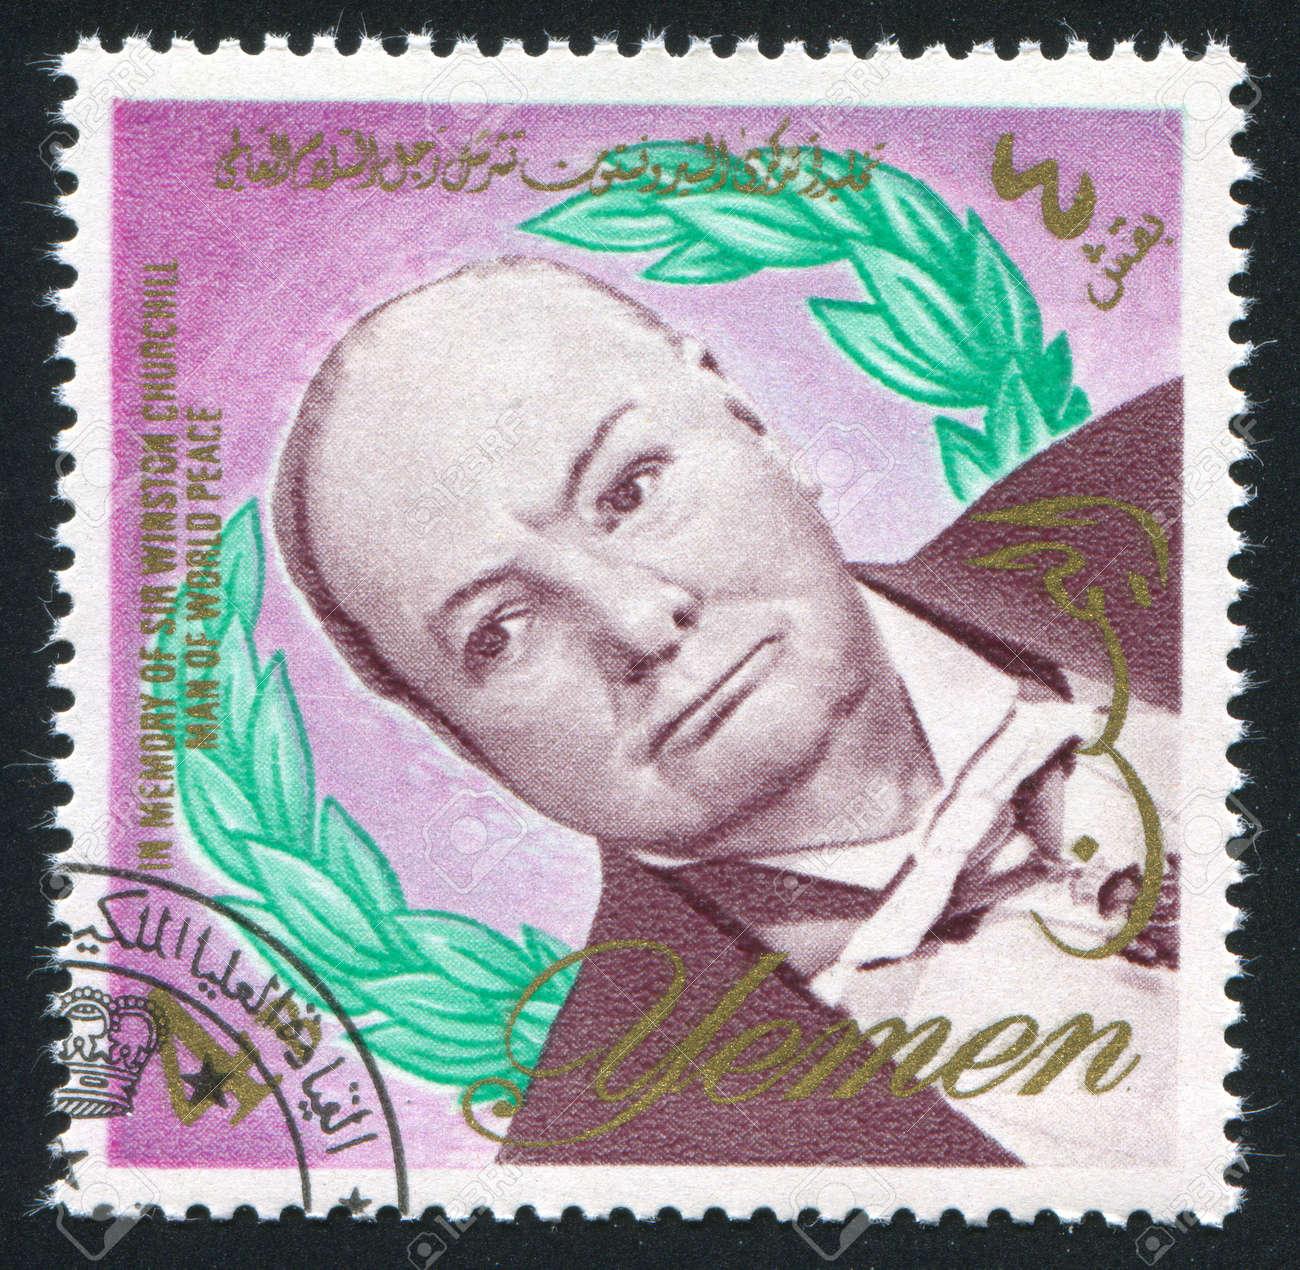 イエメン - 1972 年頃: 切手がイエメンで印刷された 1972 年頃 ...